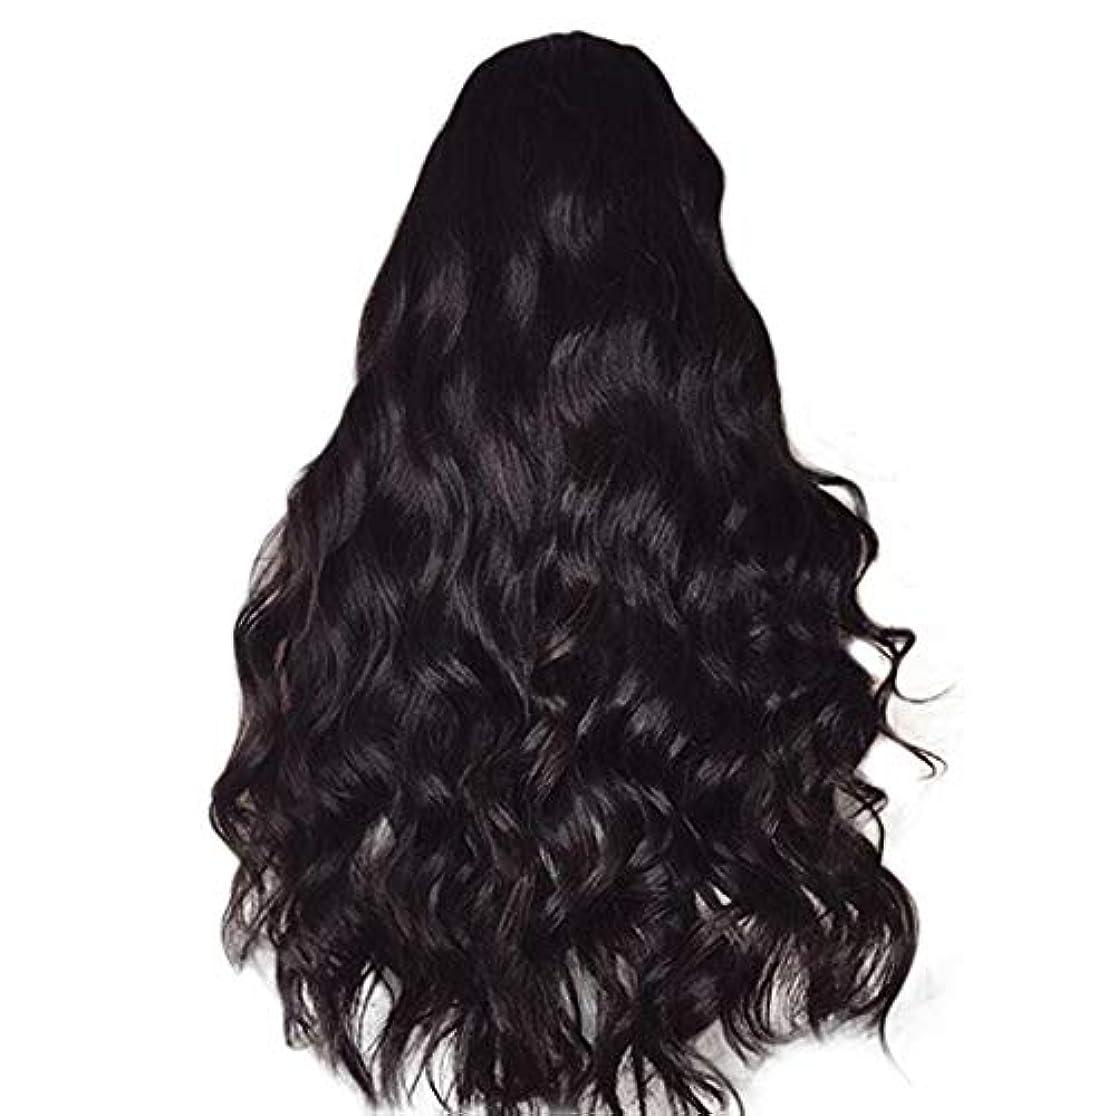 沈黙ジャンク電圧女性のかつら長い巻き毛黒ふわふわビッグウェーブウィッグ65 cm